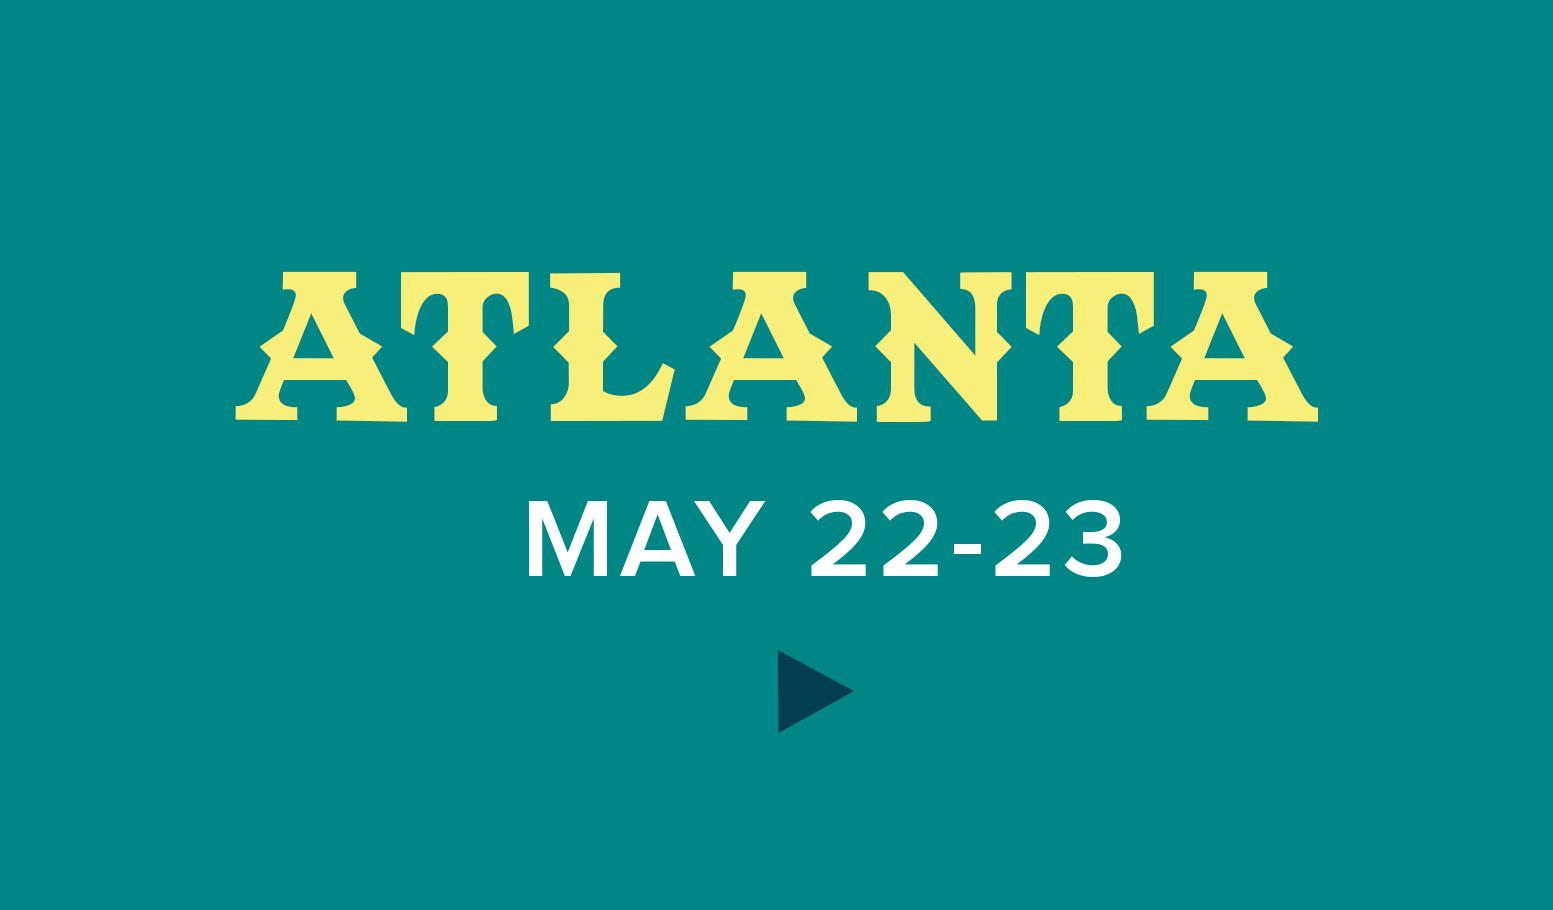 The Margomobile Tour - Atlanta